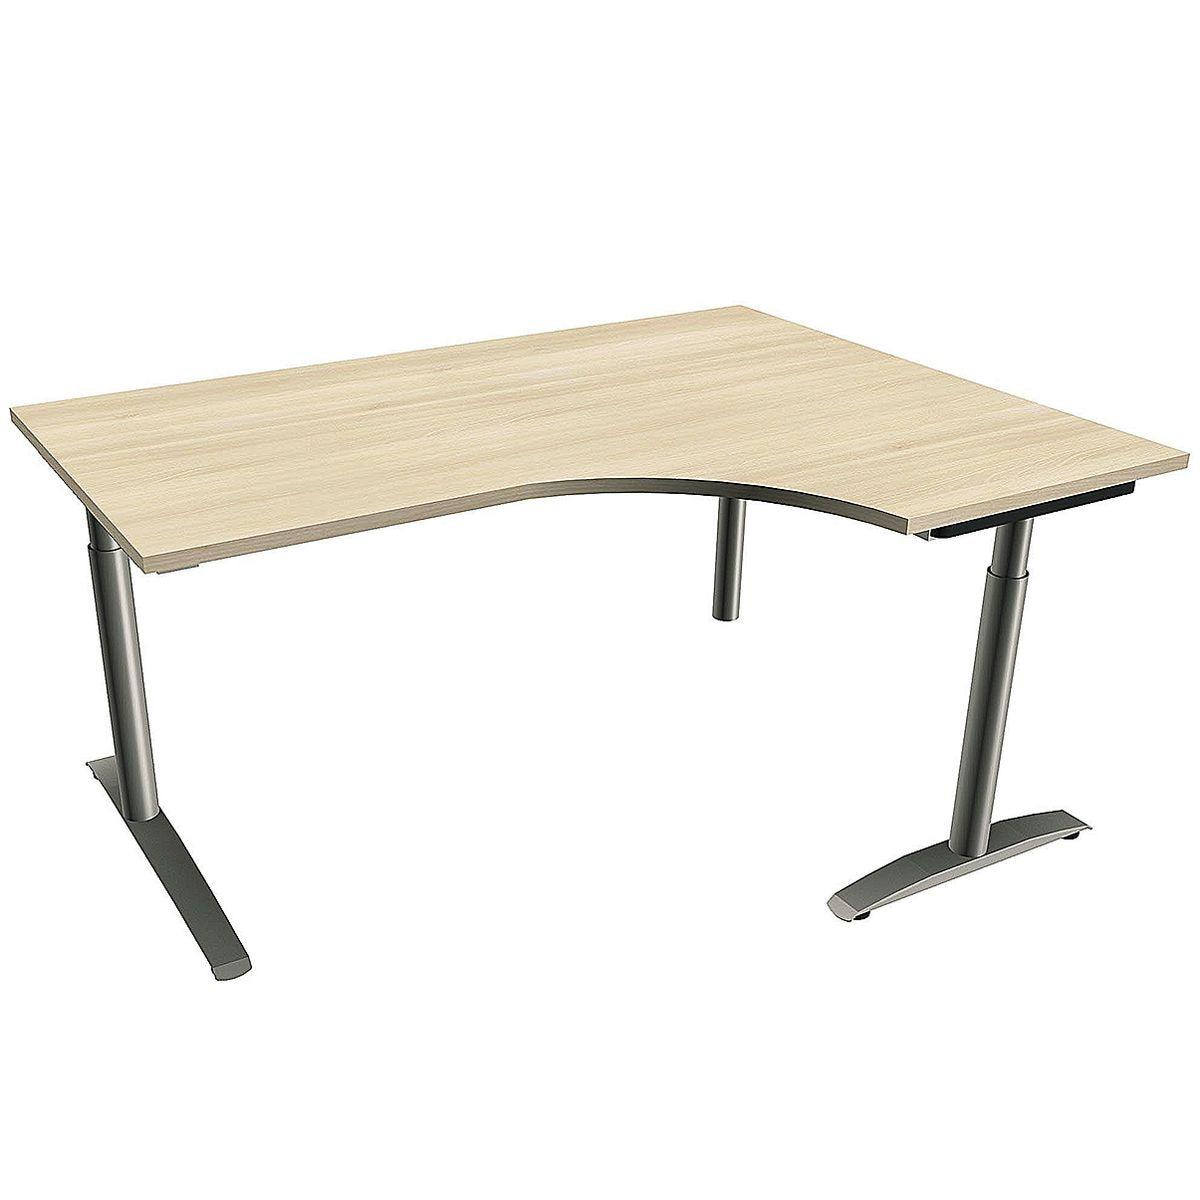 Fm b rom bel schreibtisch oldenburg 160 cm c fu for Schreibtisch 85 cm hoch